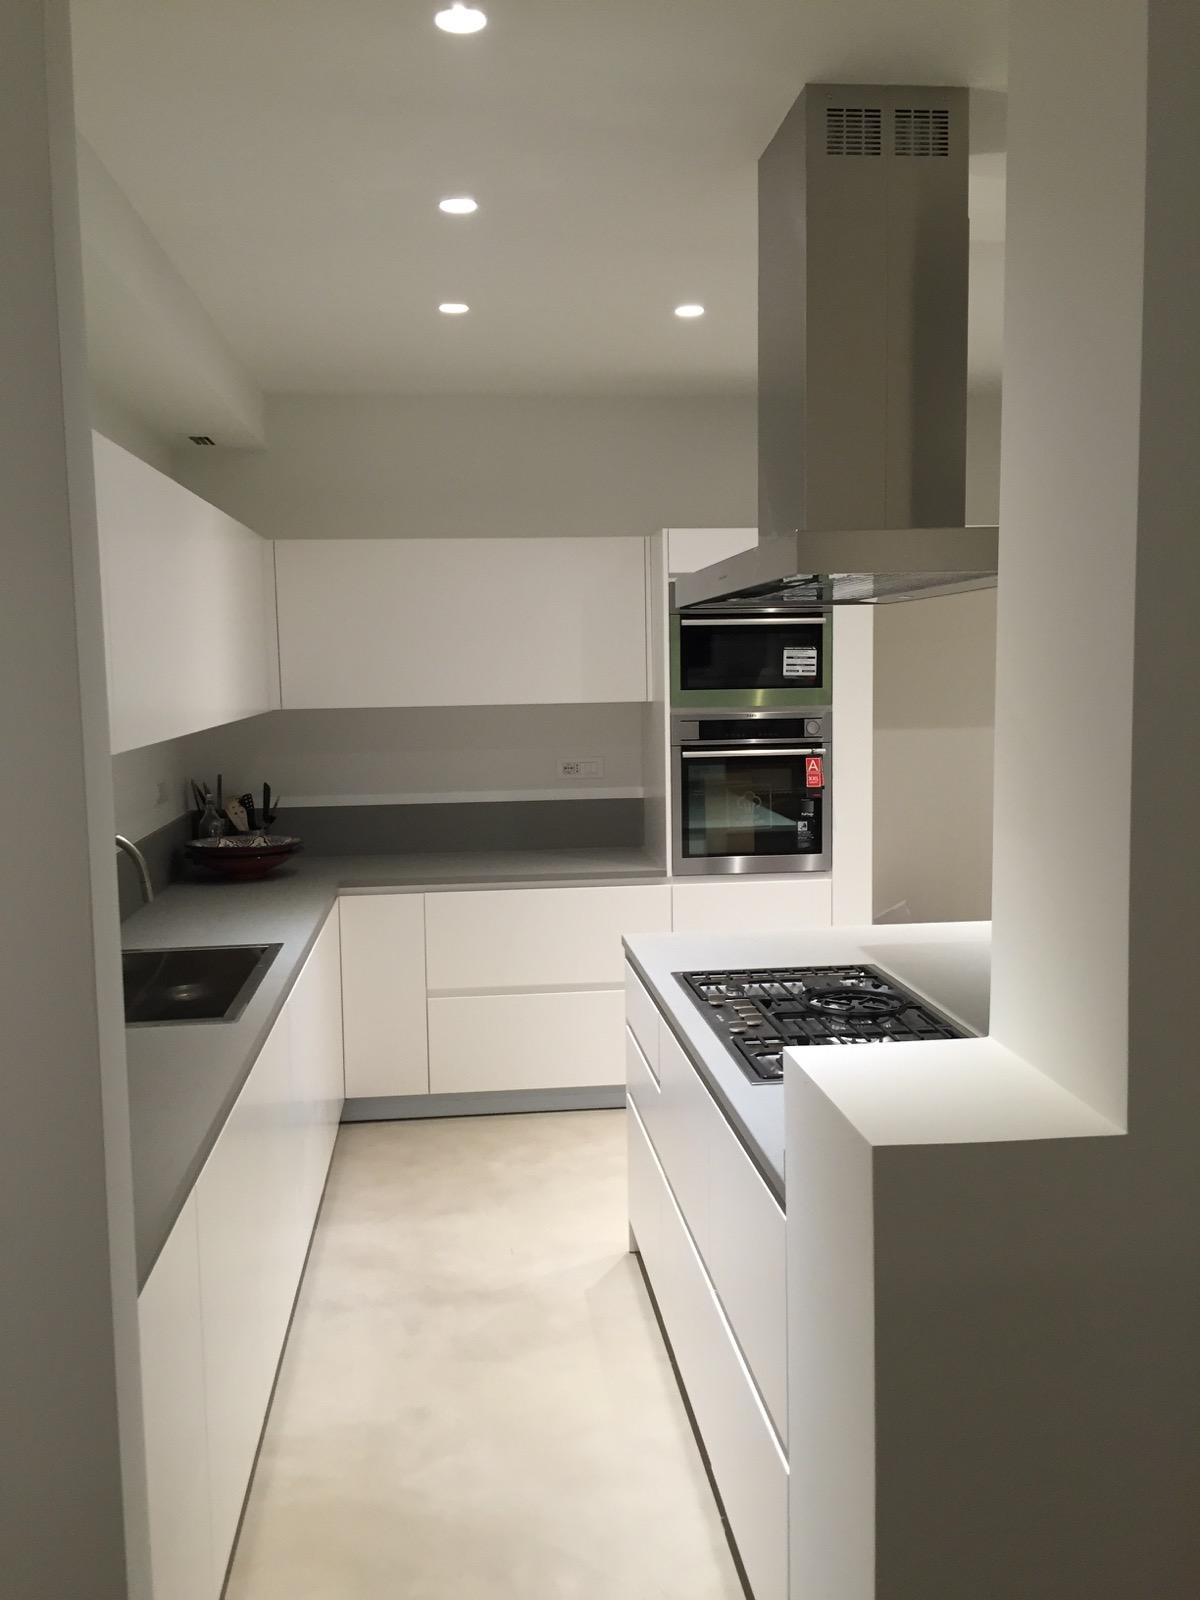 Appartamento via marconi conti arredamenti arredamenti for Arredamenti per interni